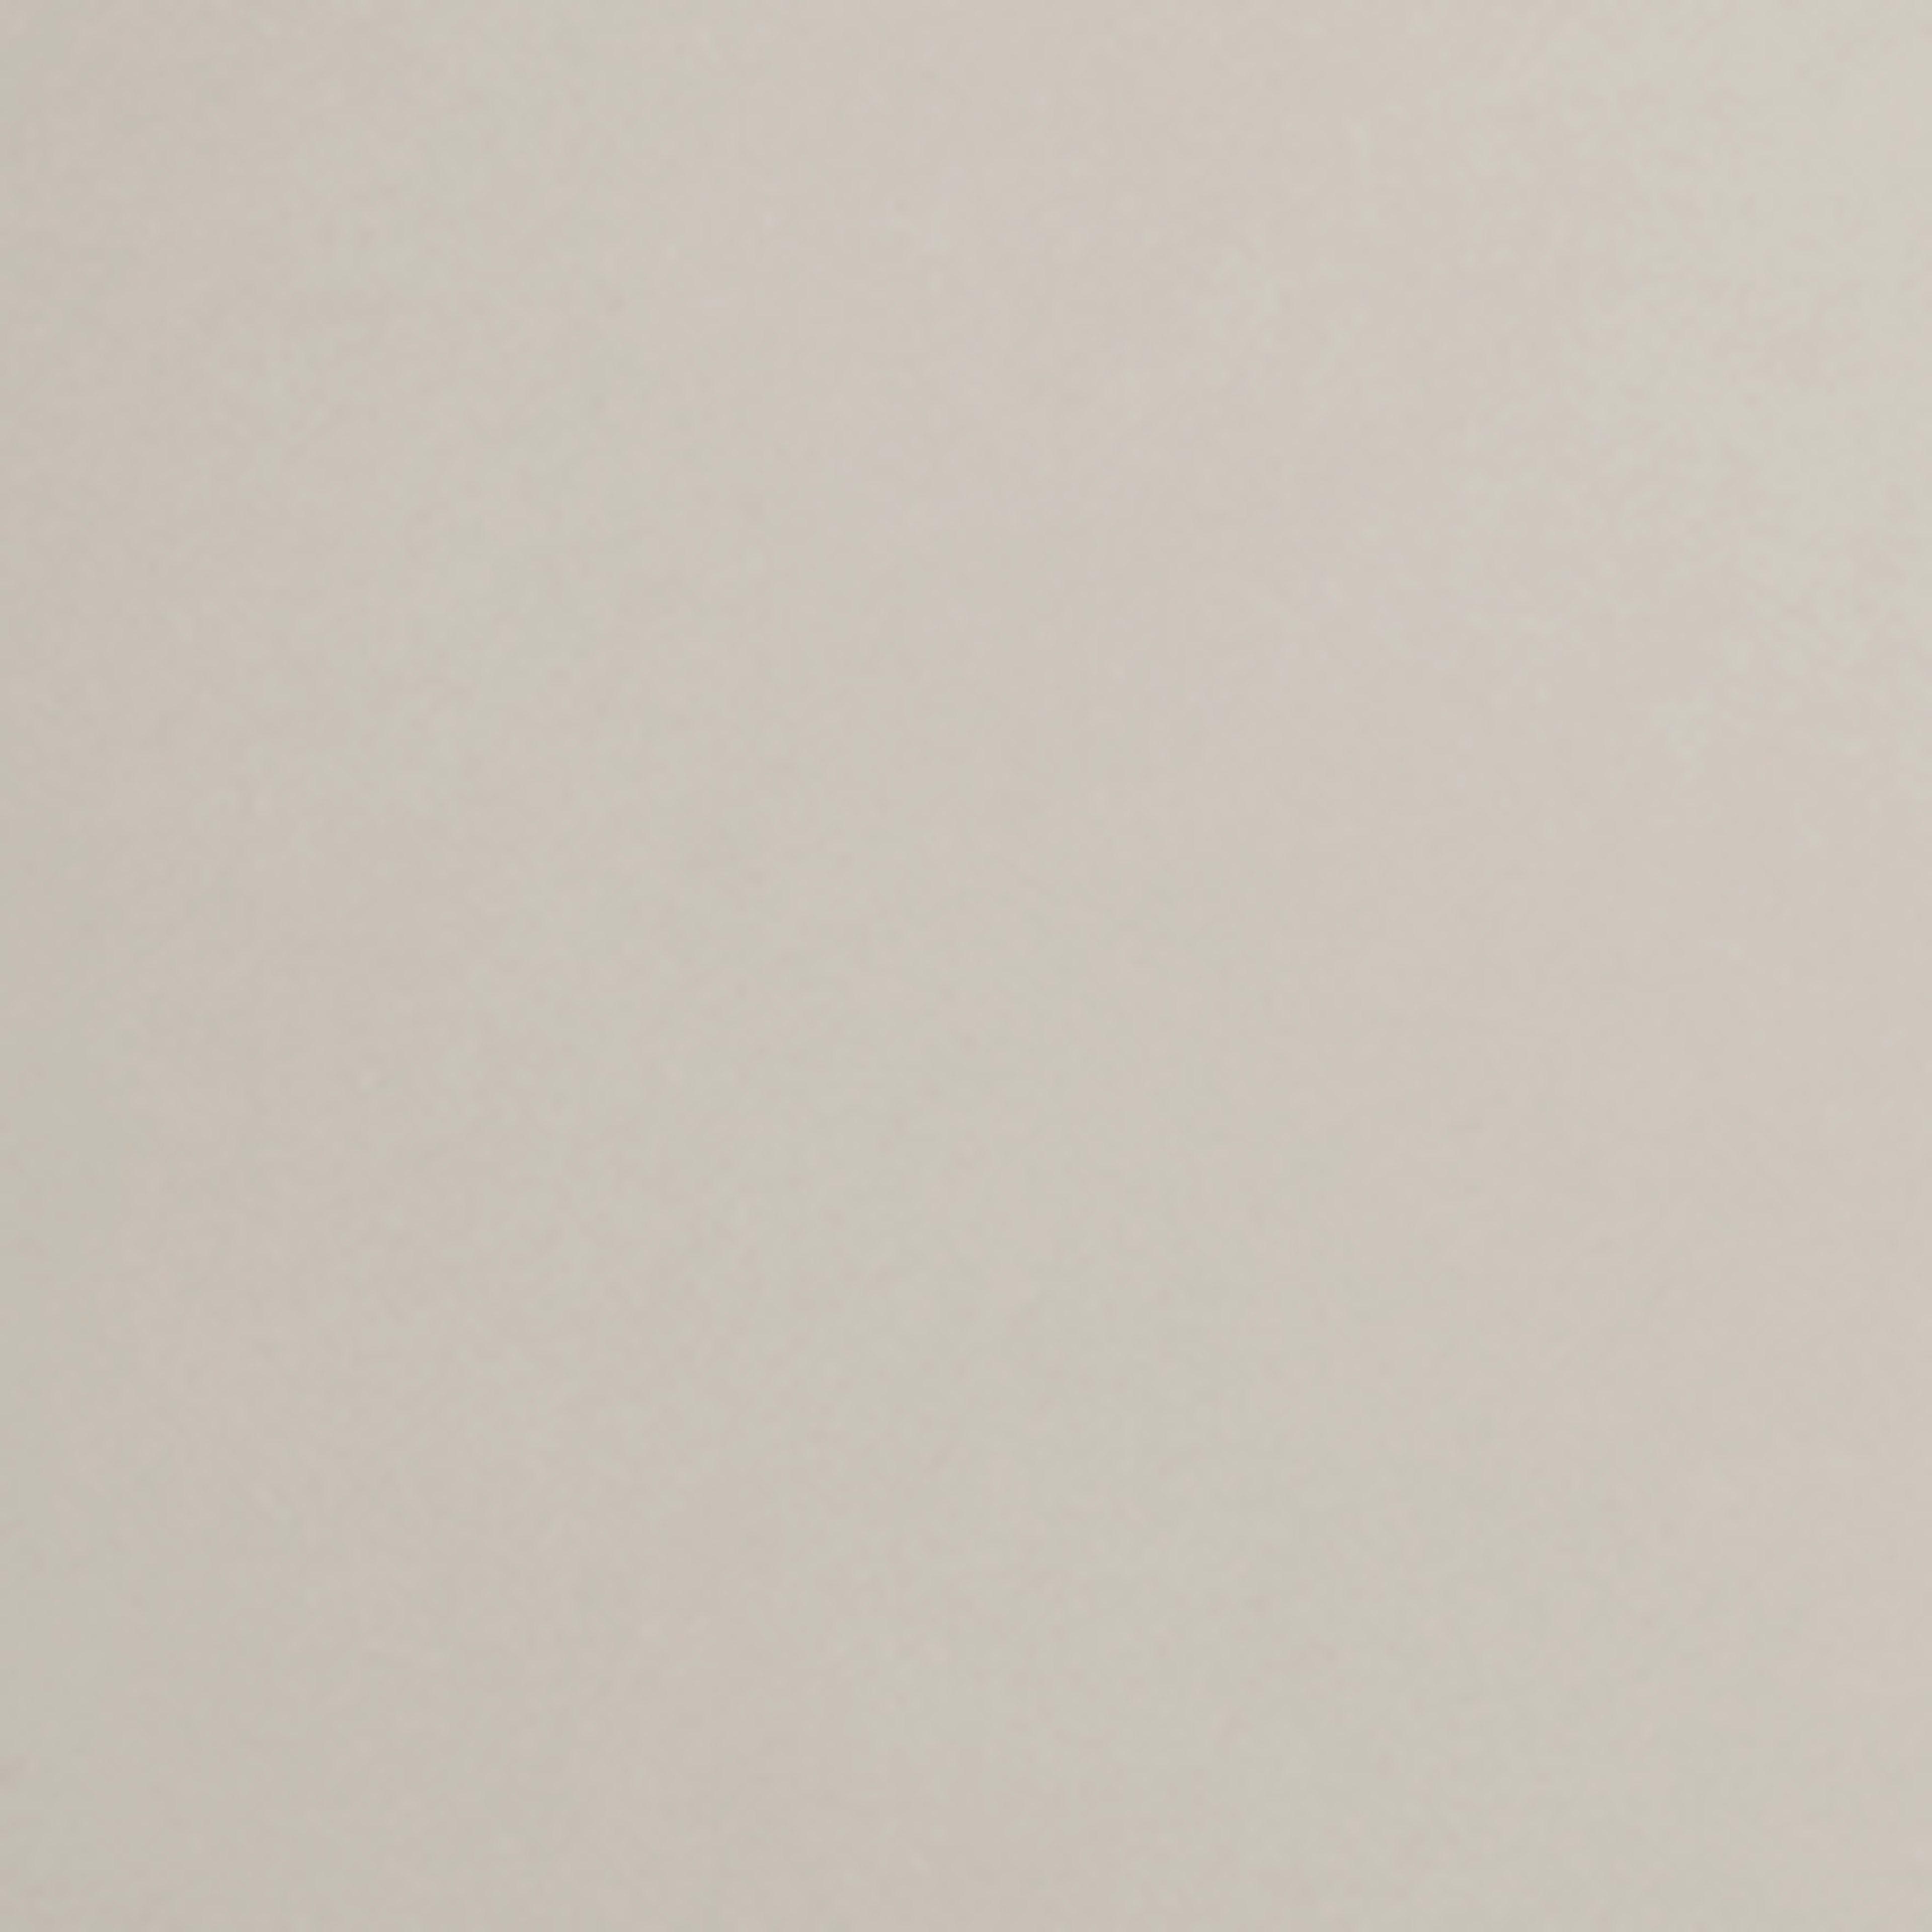 香奈兒時尚恆彩指甲油系列 香奈兒時尚恆彩指甲油 08 Pirate Chanel